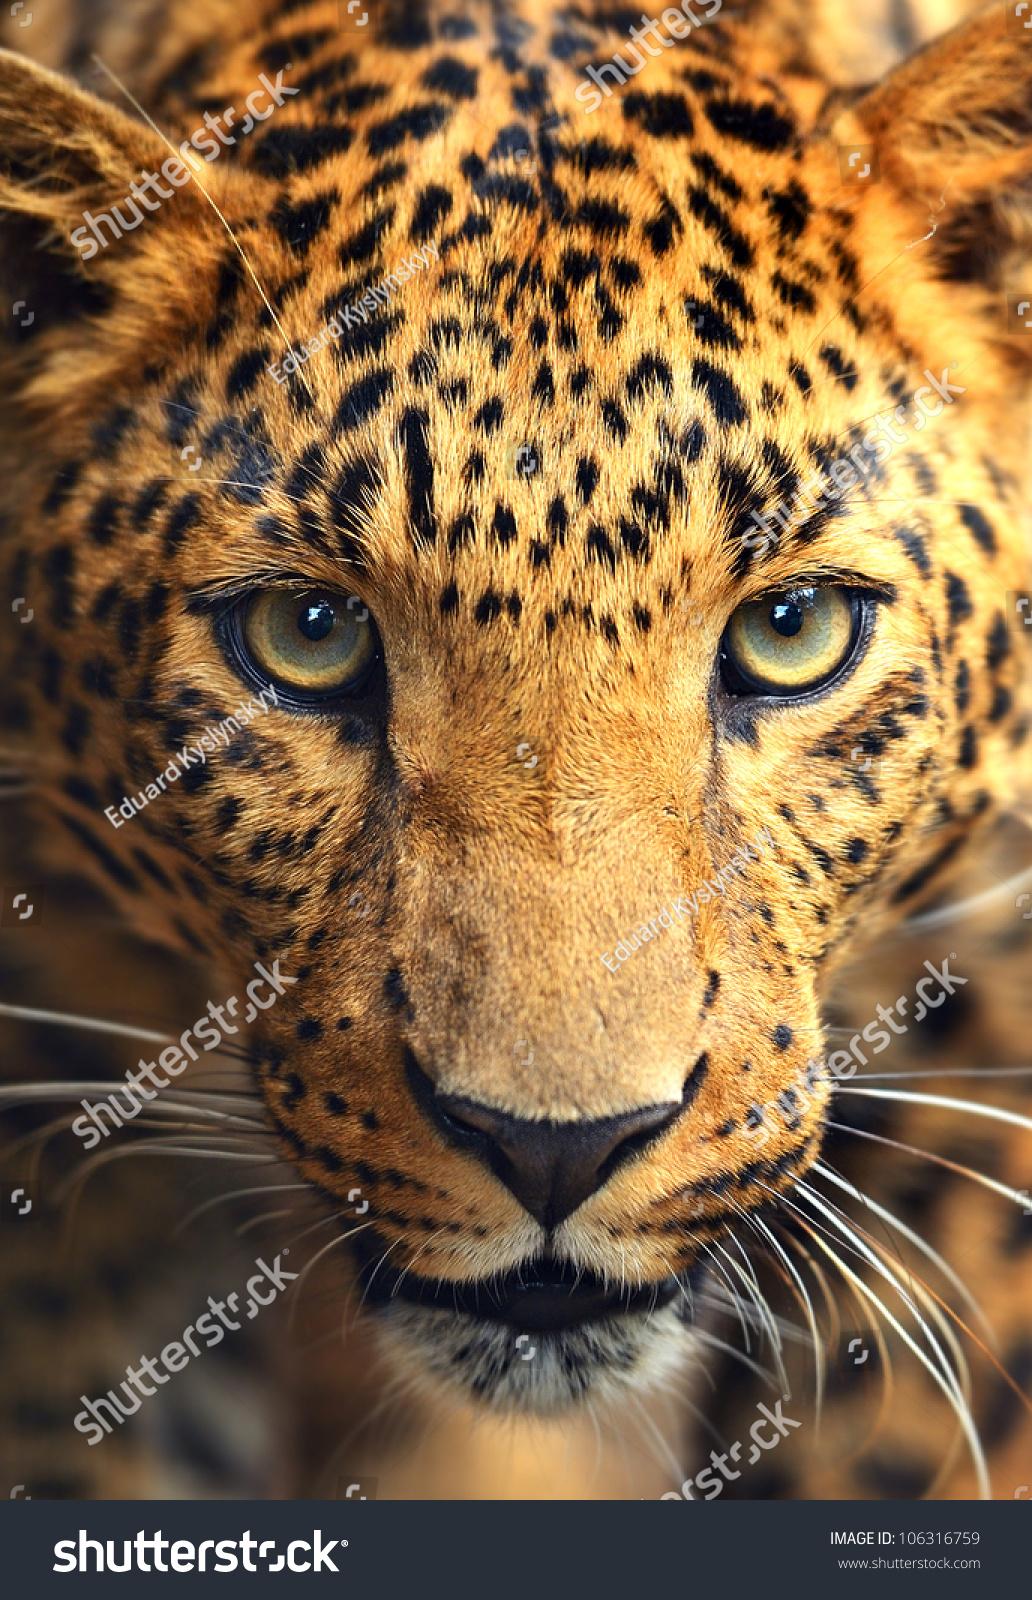 豹 豹子 壁纸 动物 虎 老虎 桌面 1032_1600 竖版 竖屏 手机